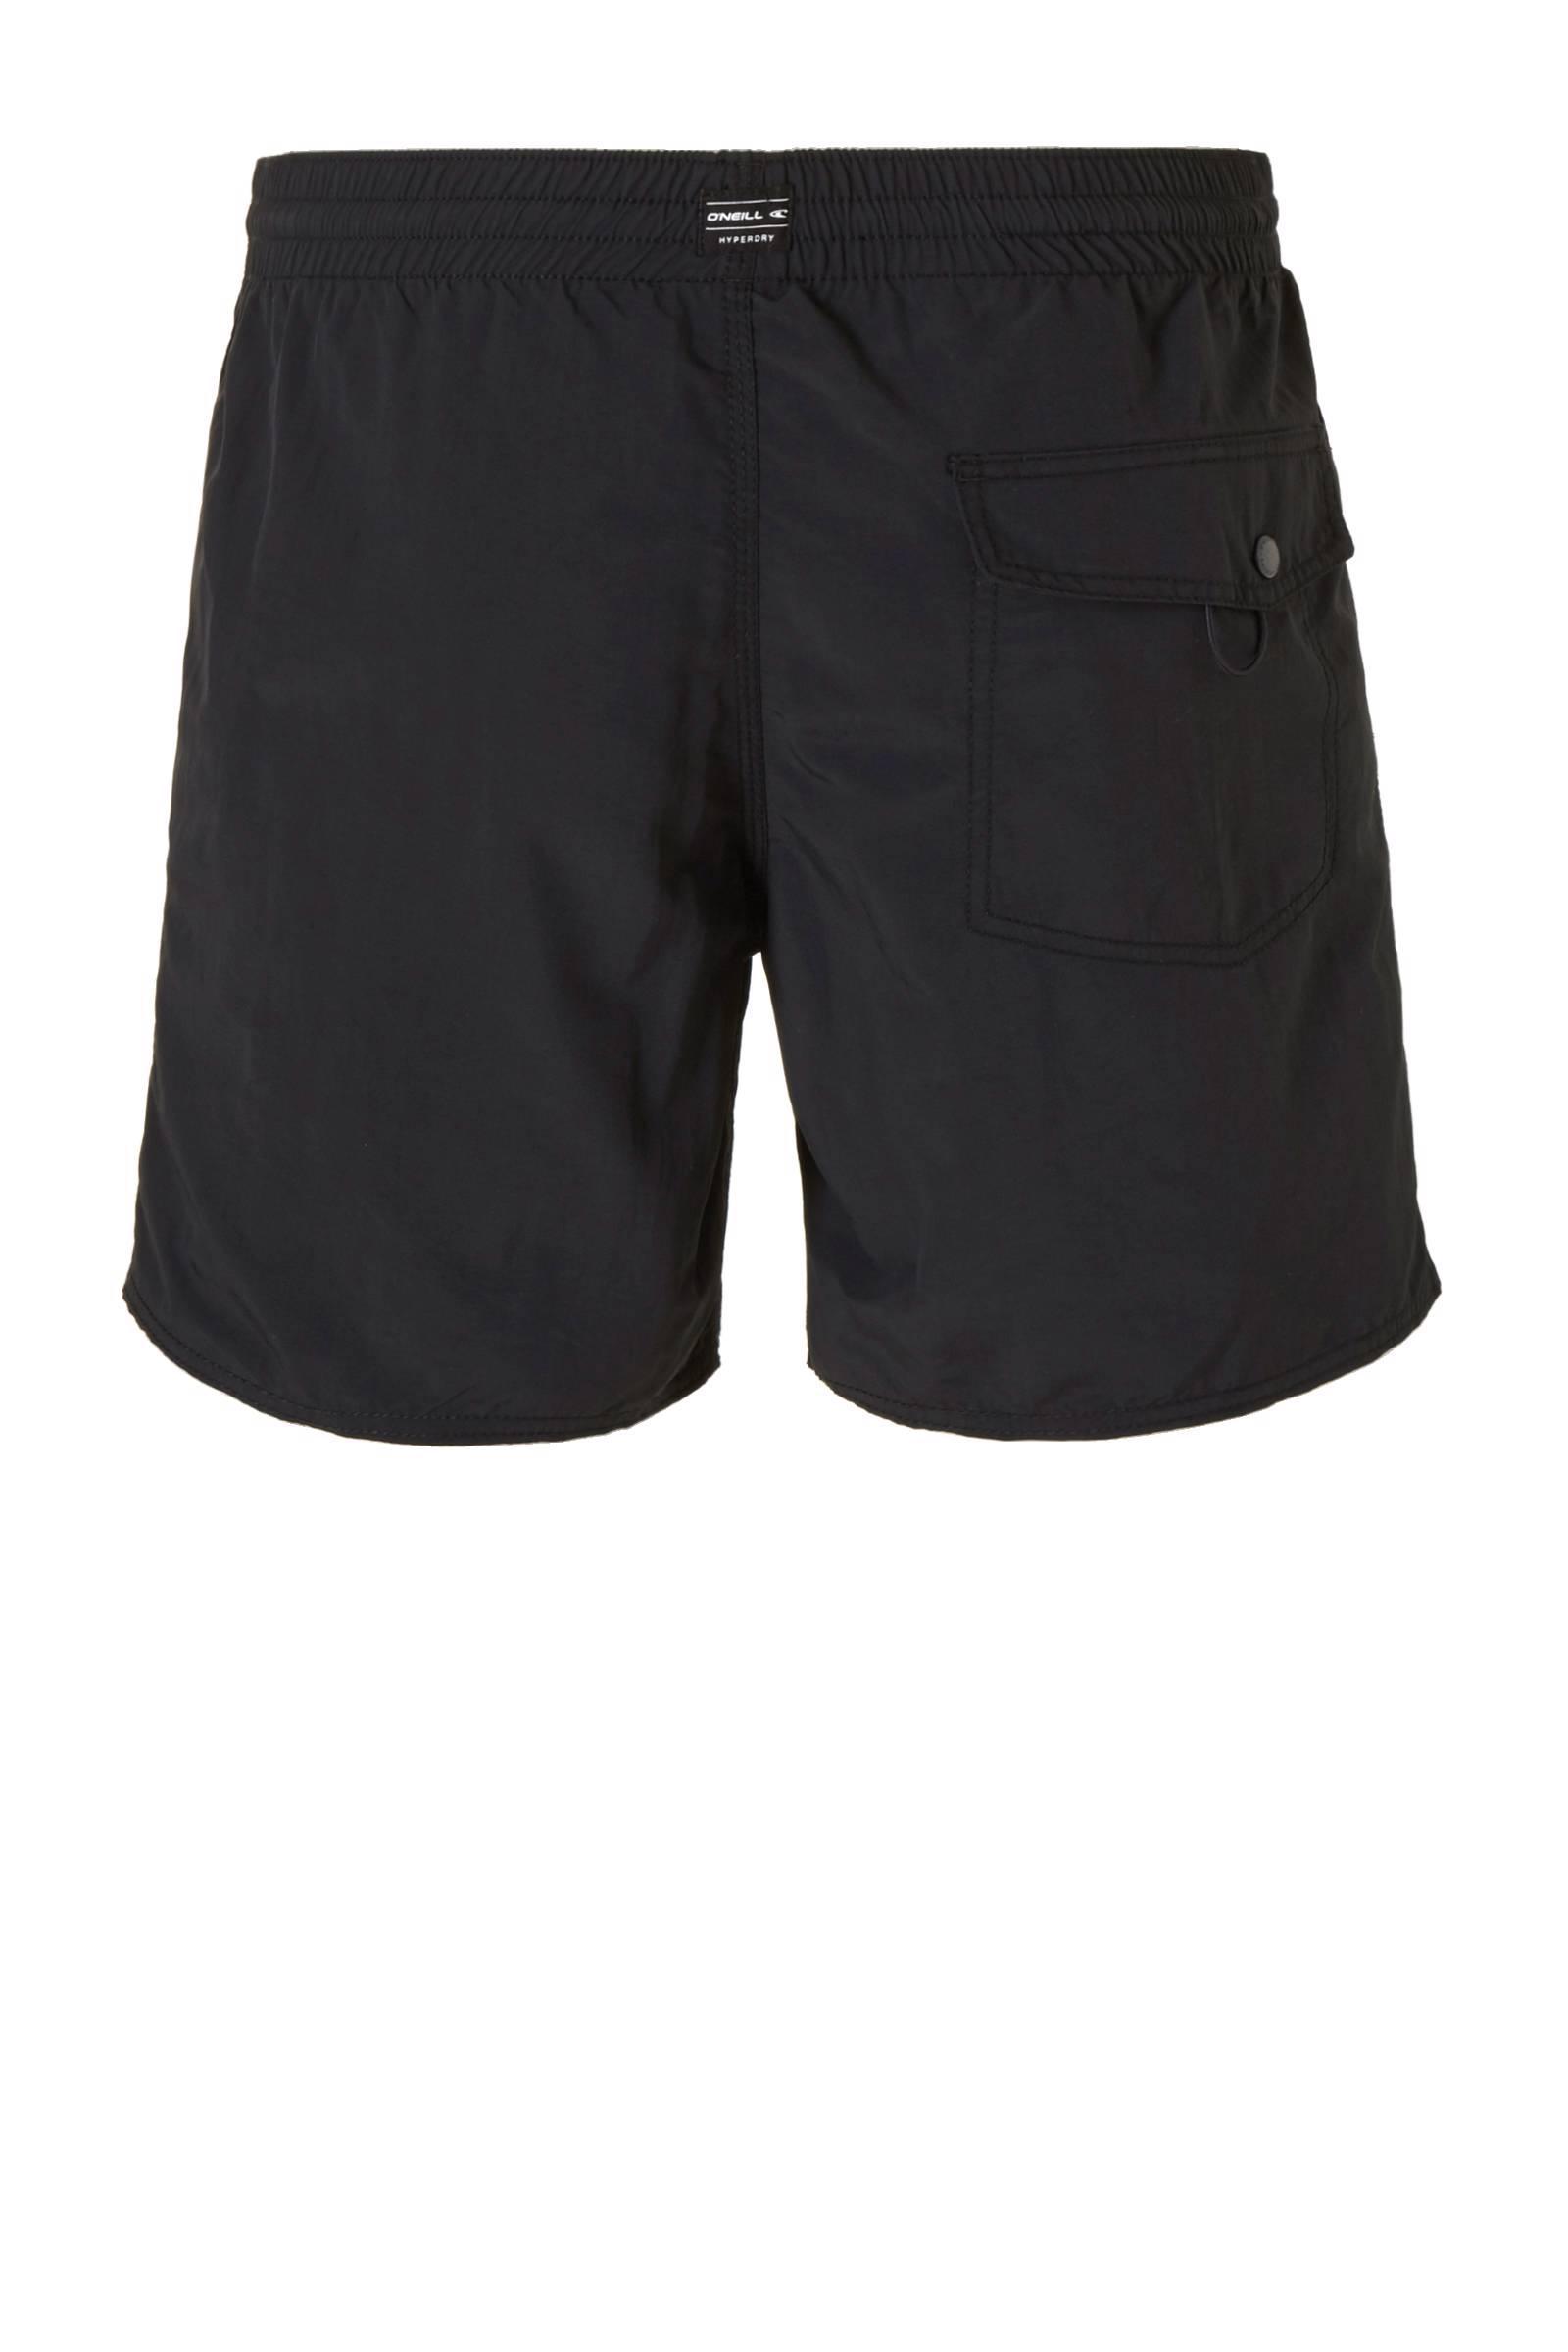 O'neill Sportswear Zwemshort in het Zwart voor heren